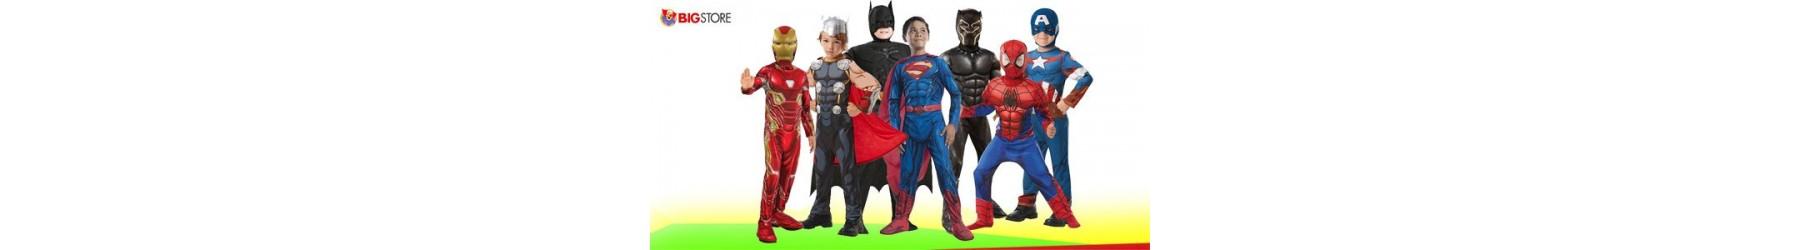 Αποκριάτικες παιδικές στολές υπερηρώων, καρτούν, κόμικς και σινεμά